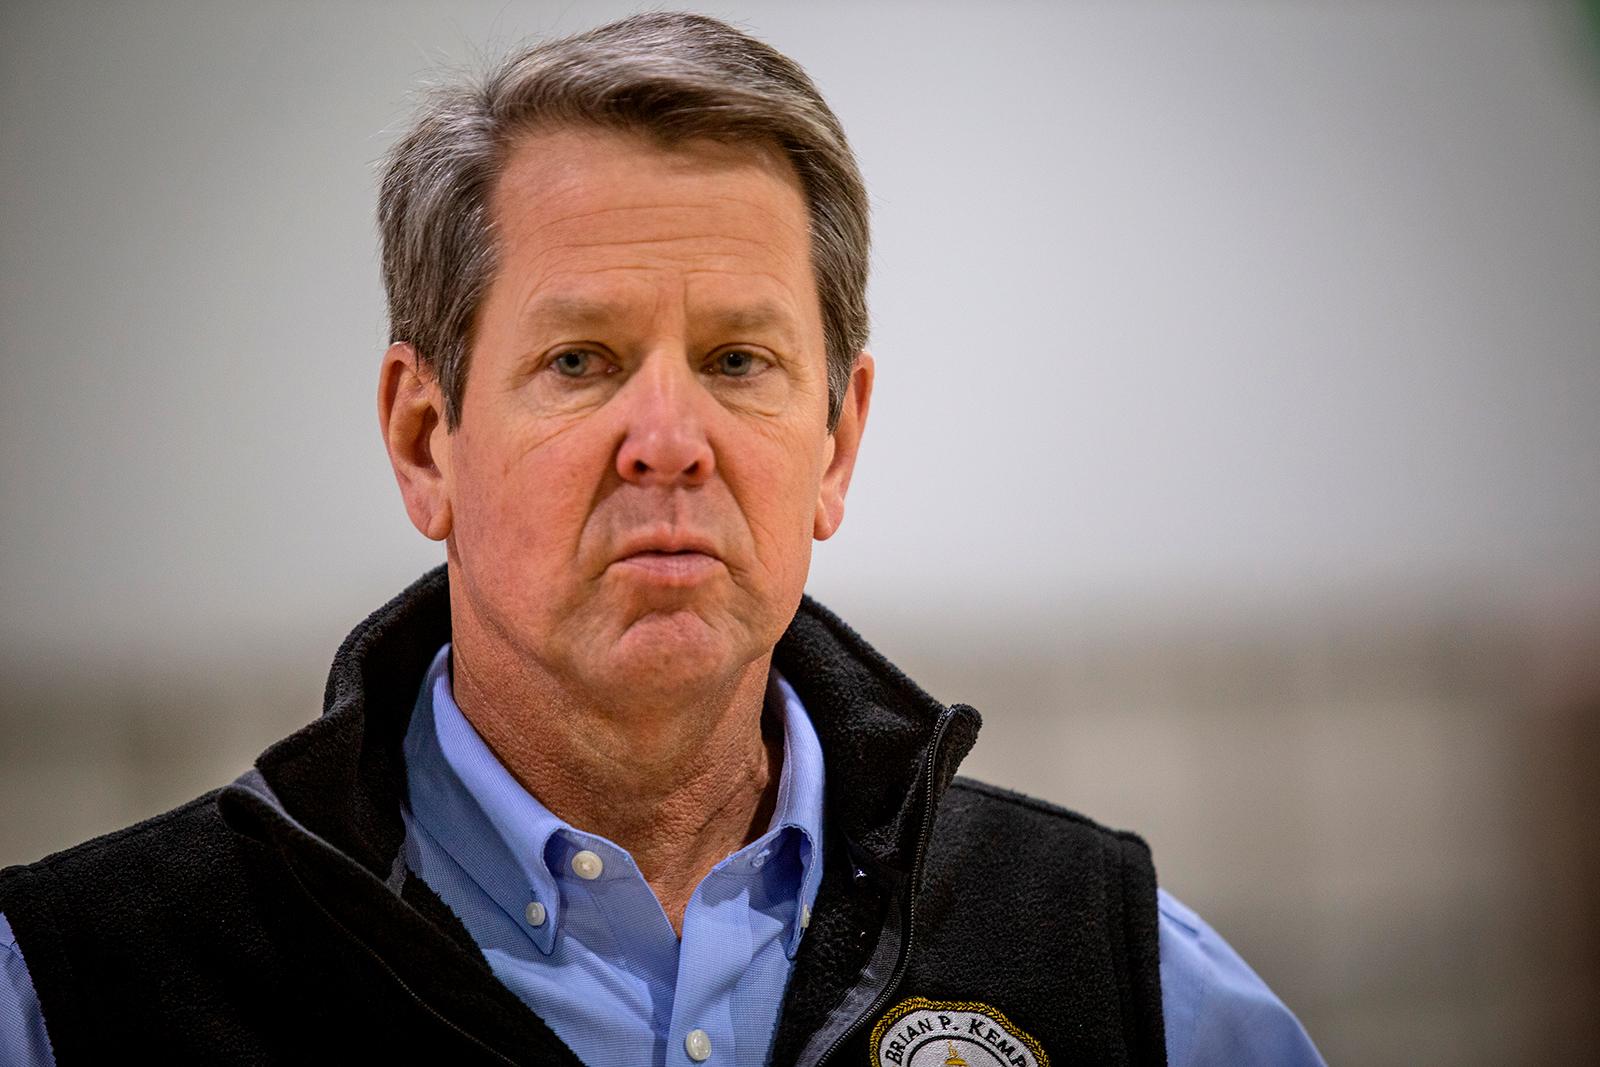 Georgia Gov. Brian Kemp pictured on April 16, in Atlanta.